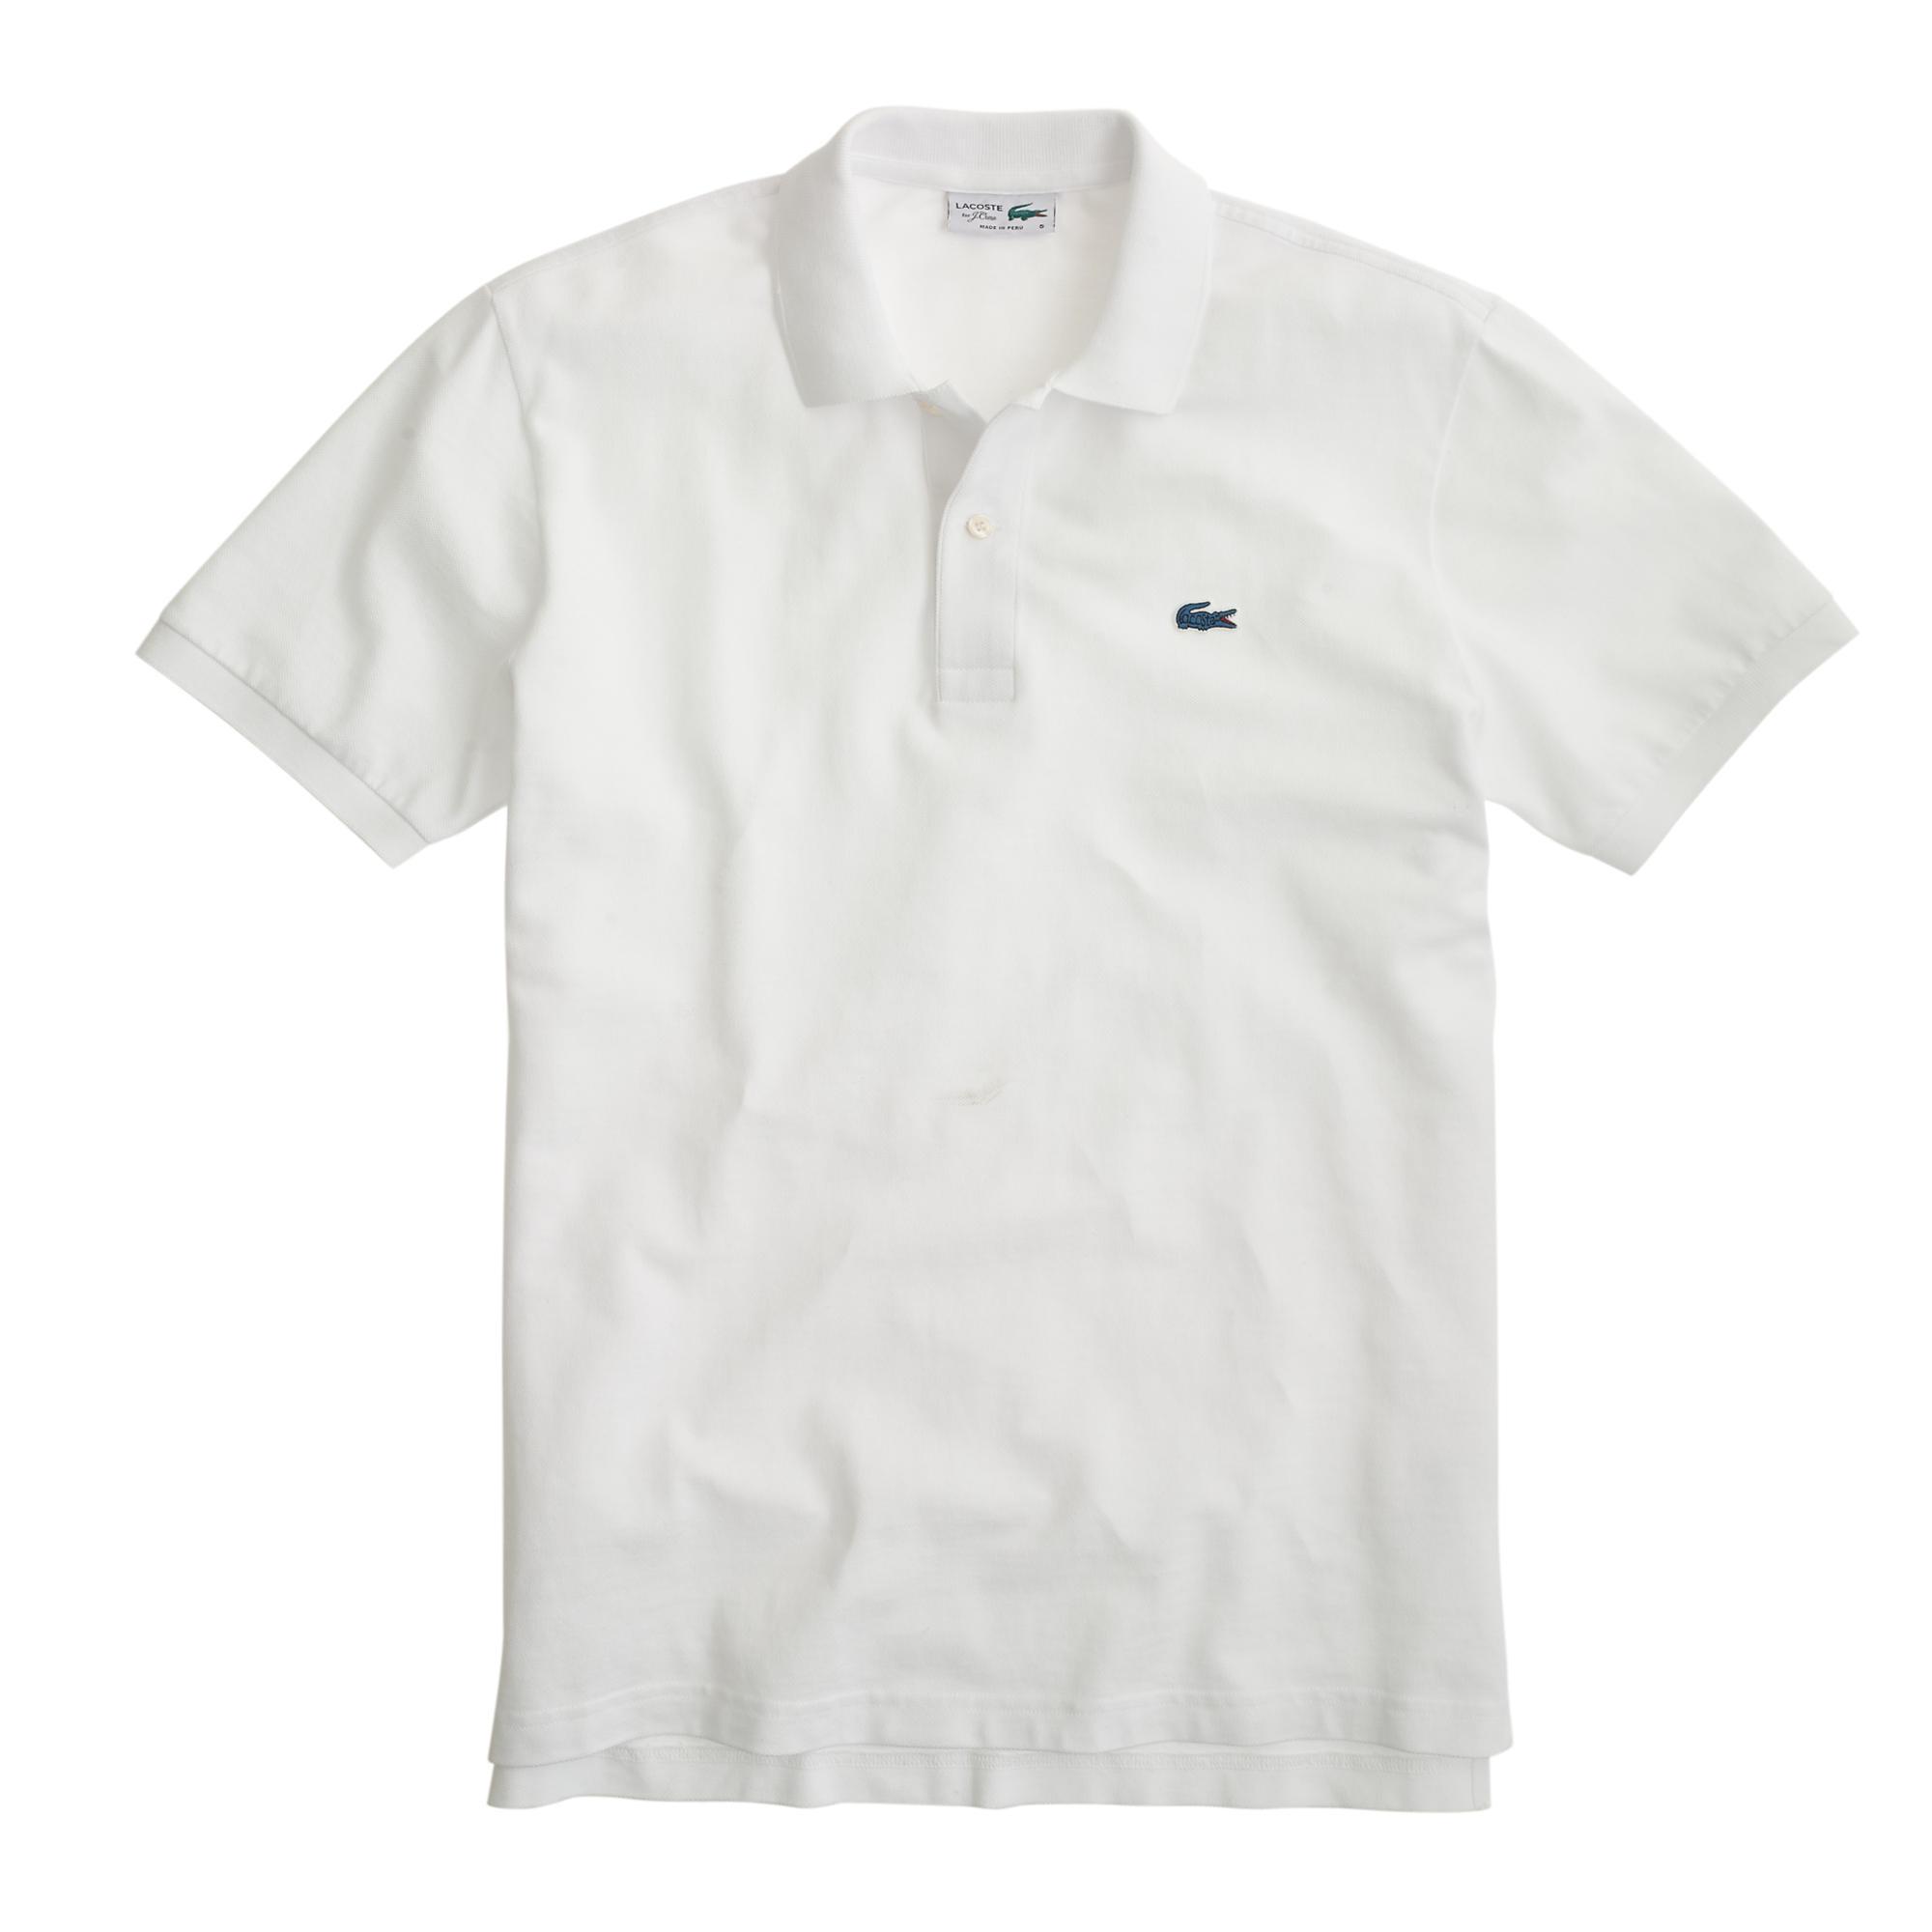 eb6ff9e2990 Lacoste for J.Crew Spring Summer 2015 Polo Shirt